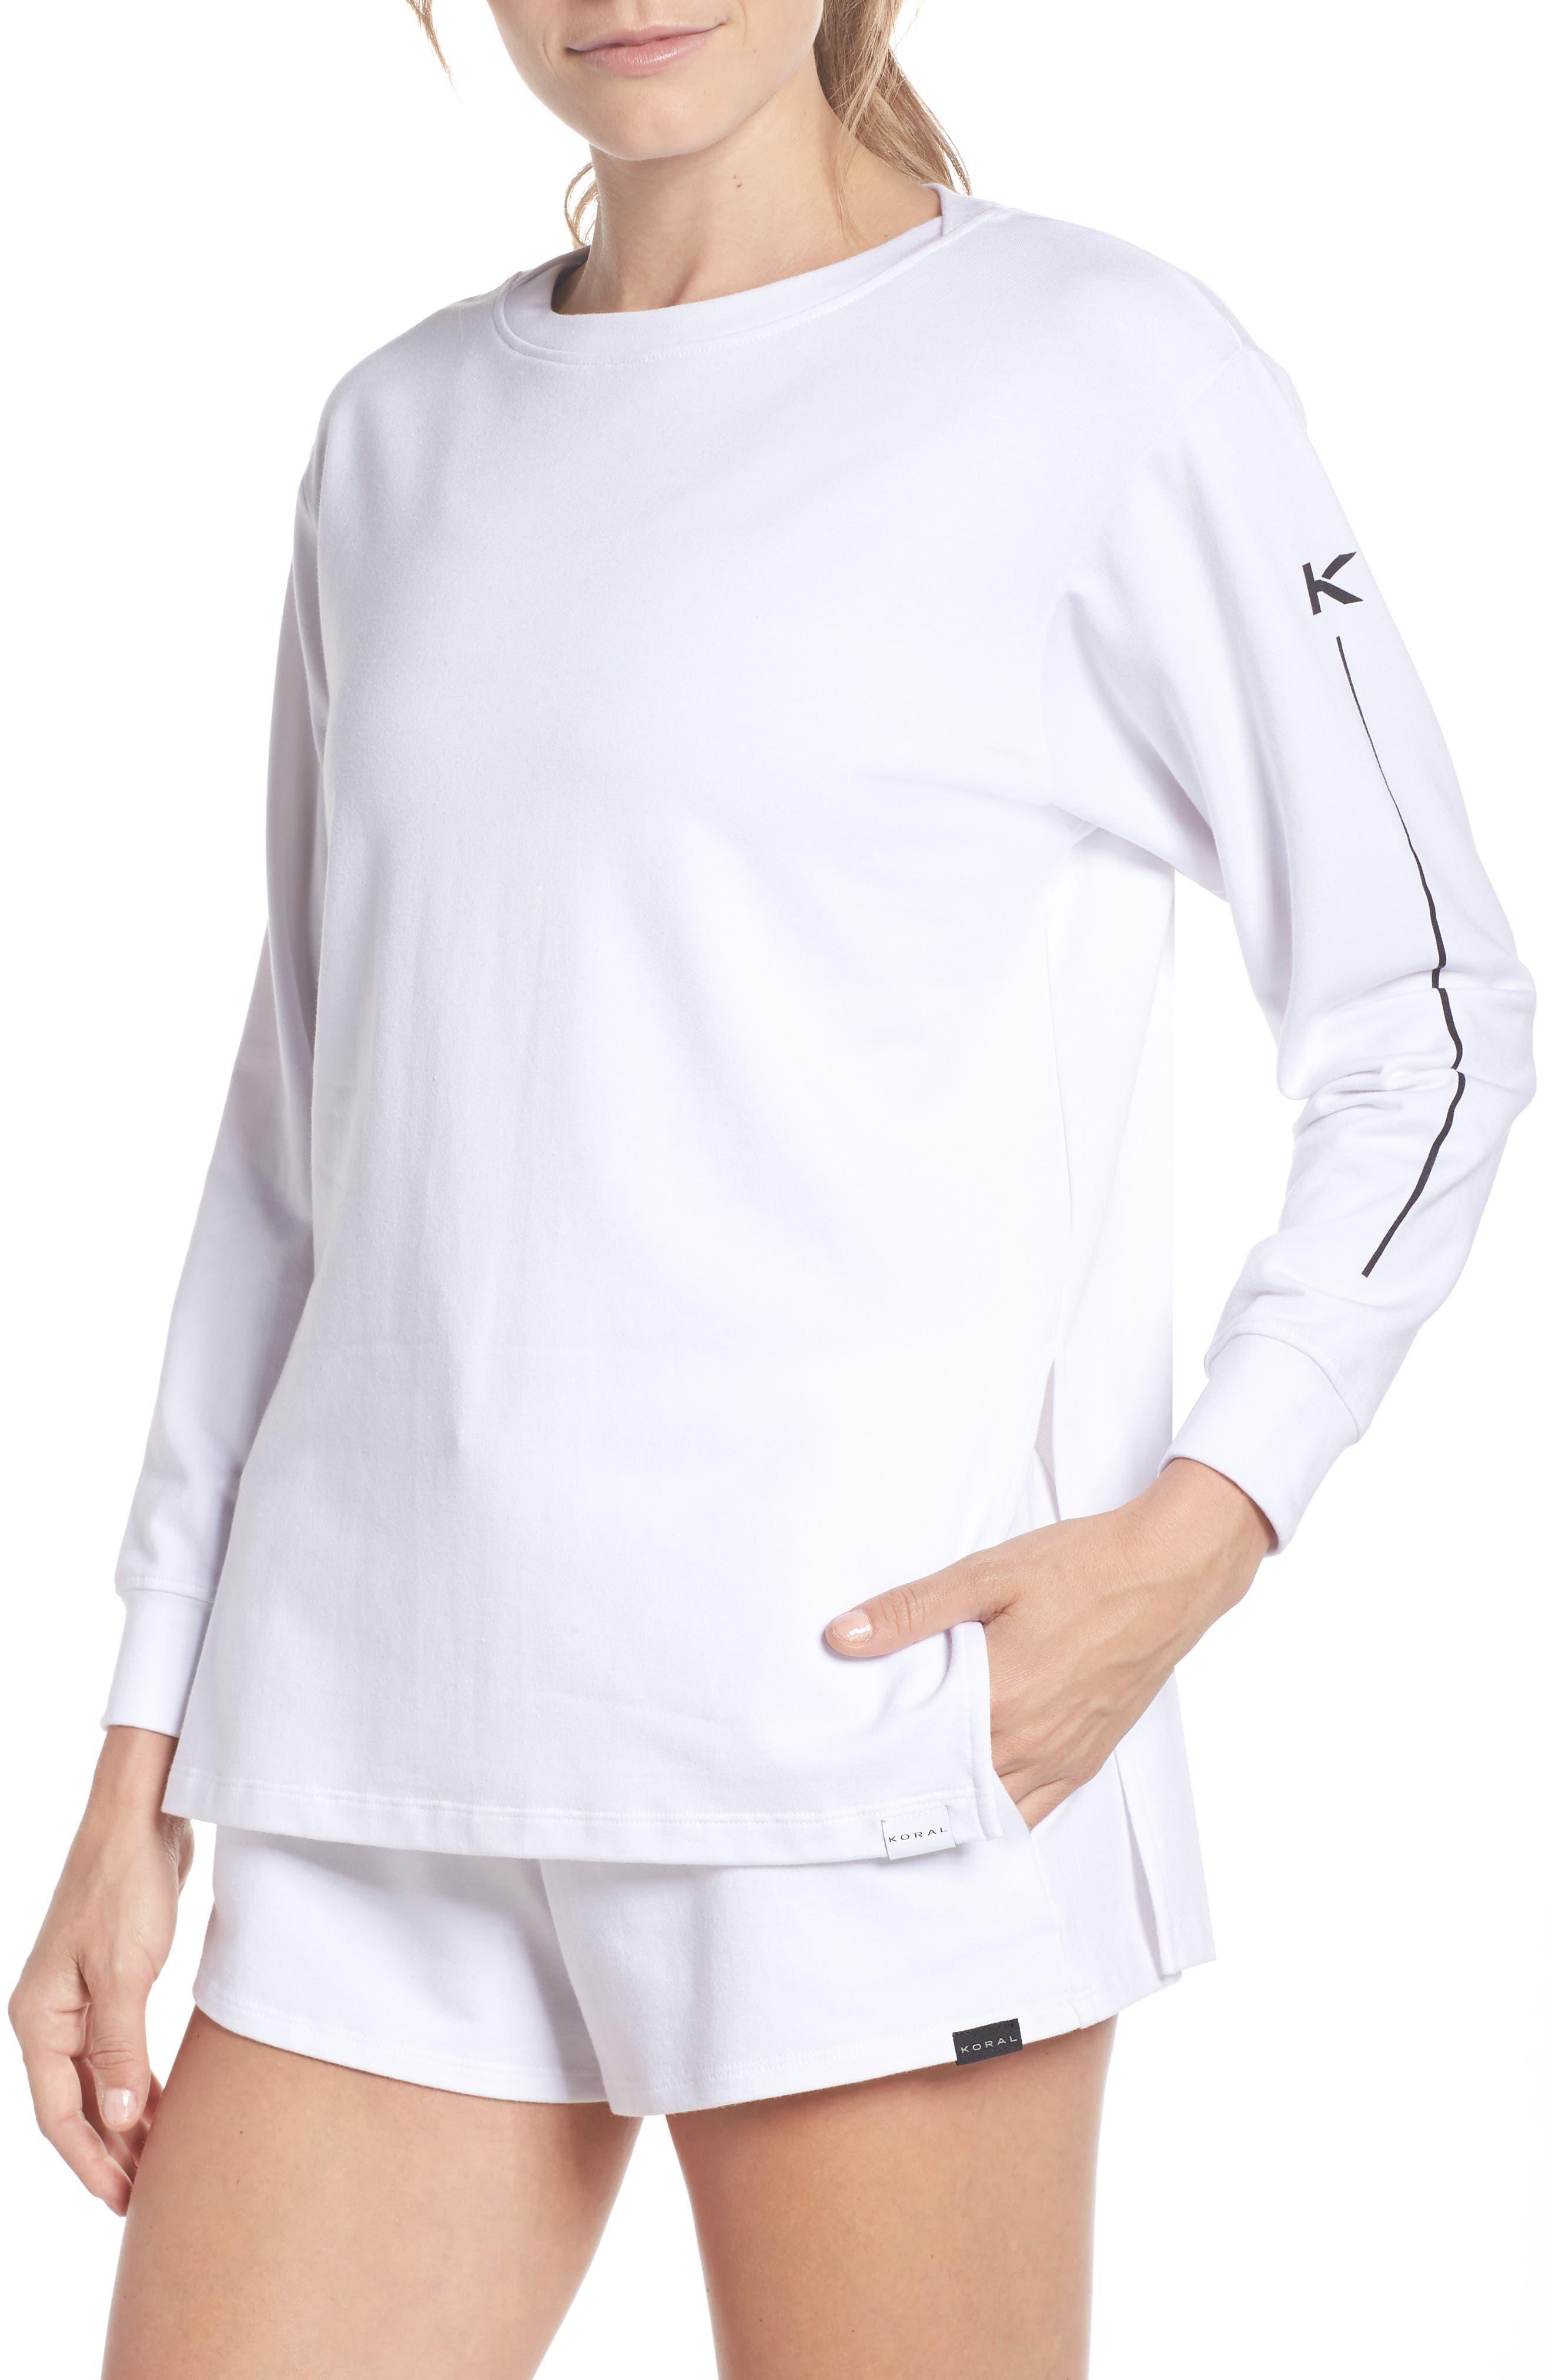 Bristol Pullover,                         Main,                         color, WHITE/ BLACK